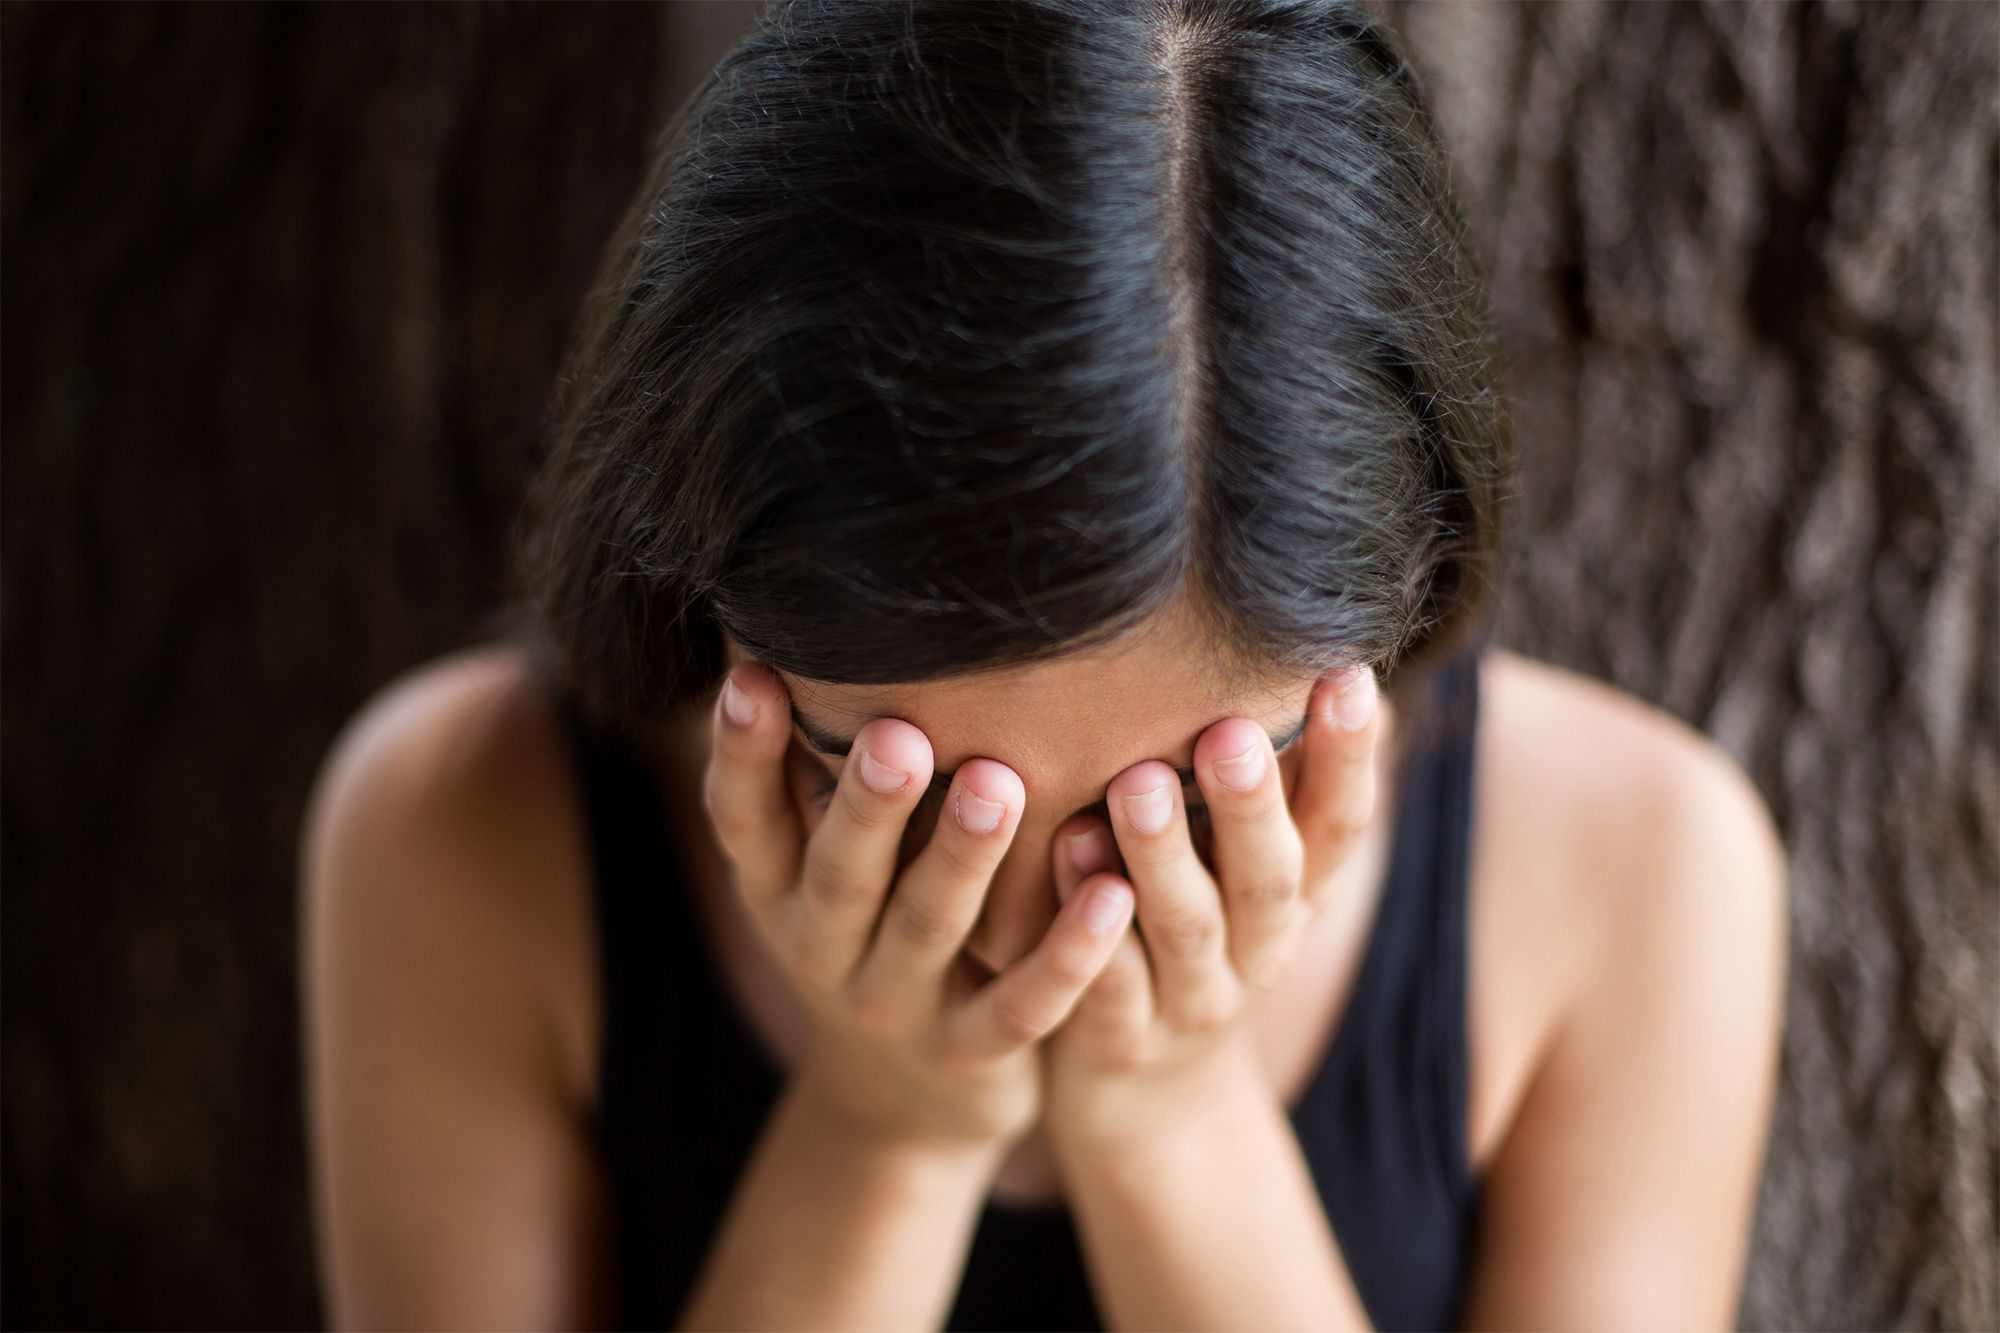 heartbroken lady